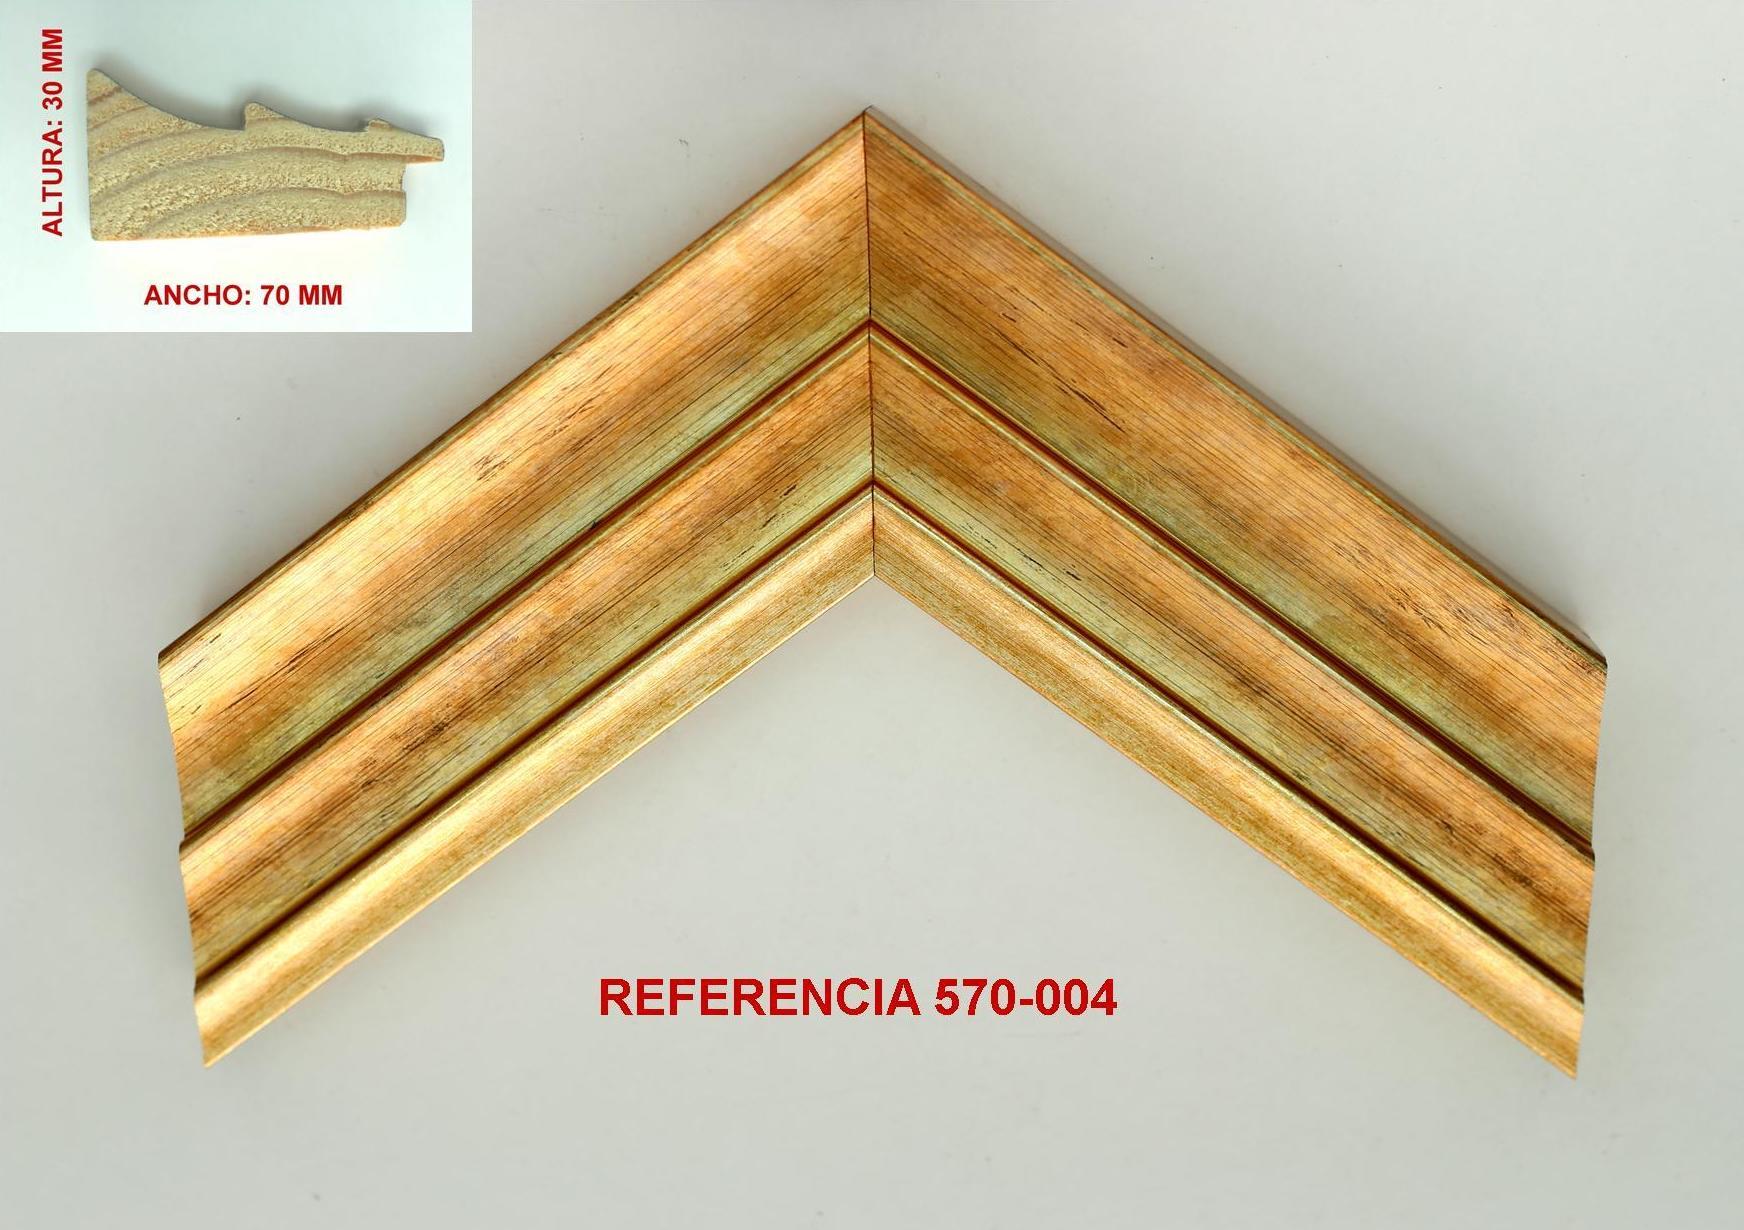 REF 570-004: Muestrario de Moldusevilla